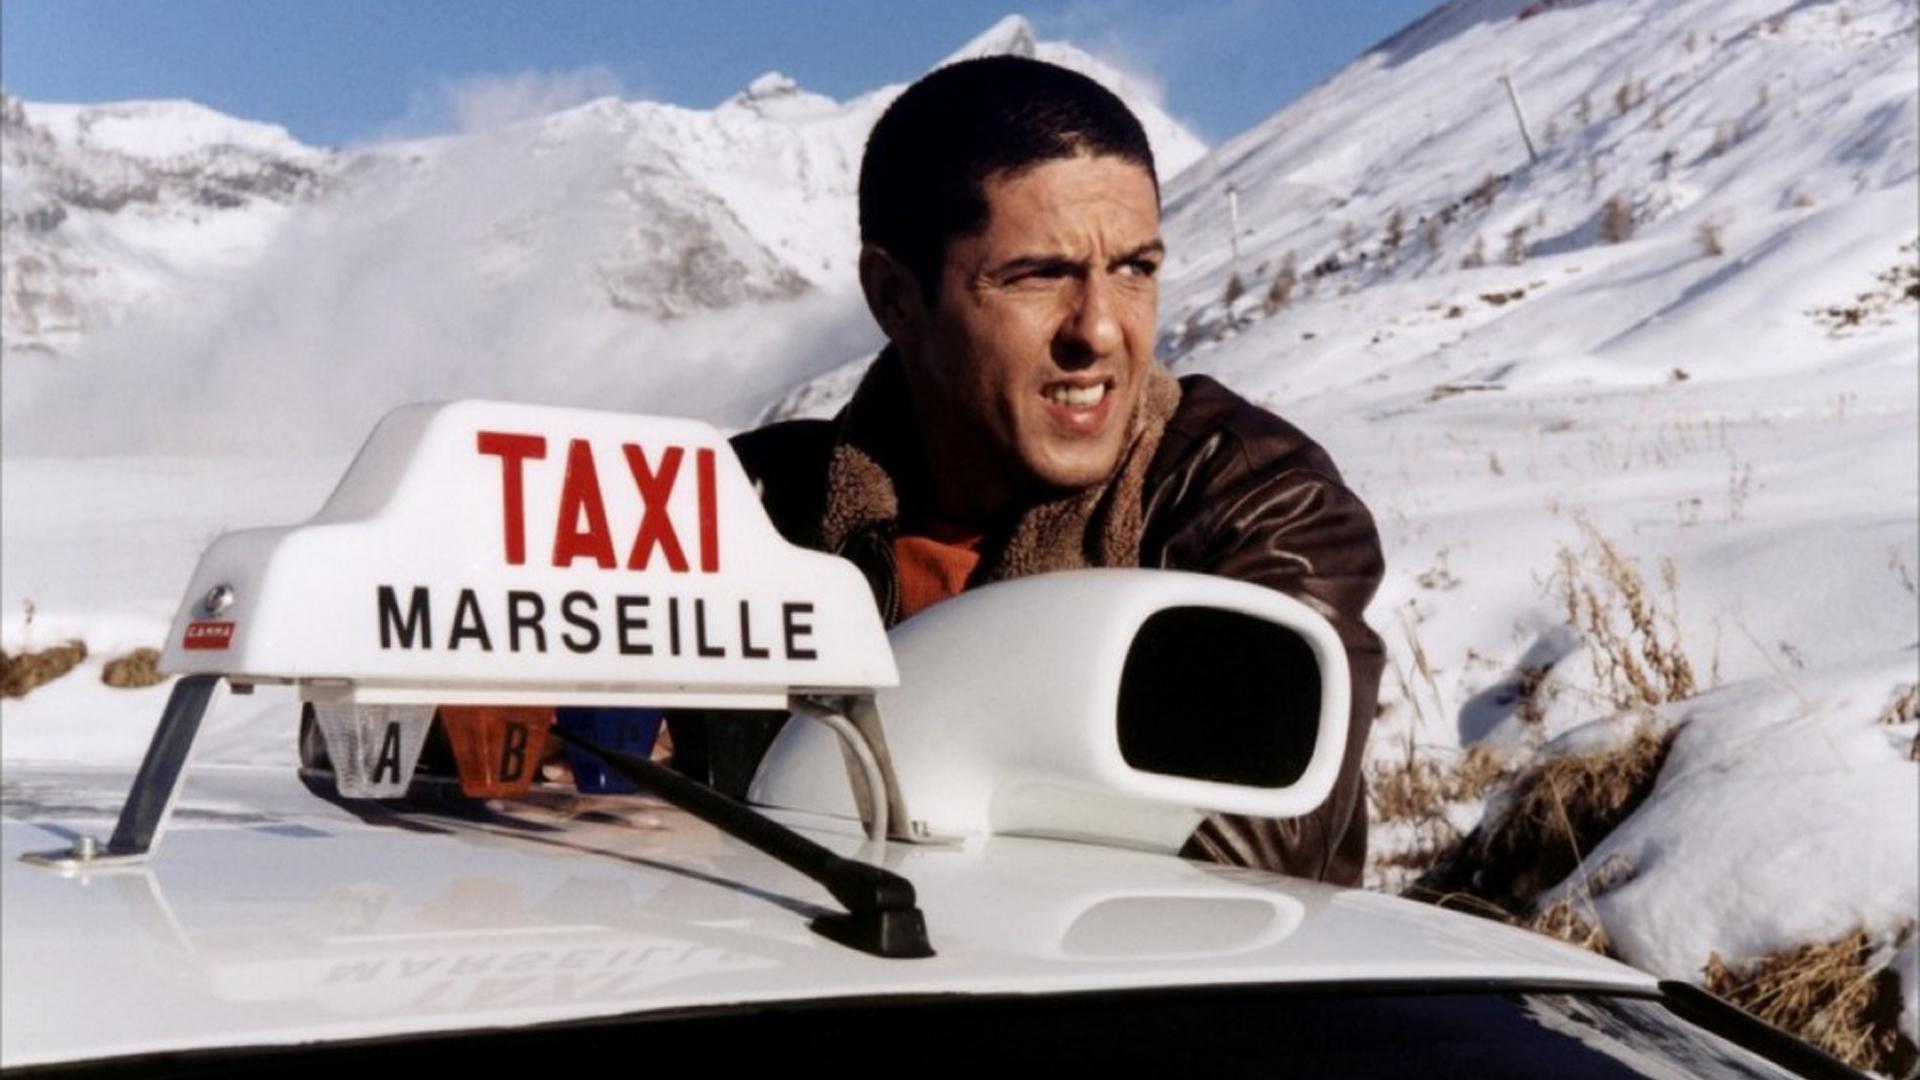 Таксист отимел и бросил 25 фотография